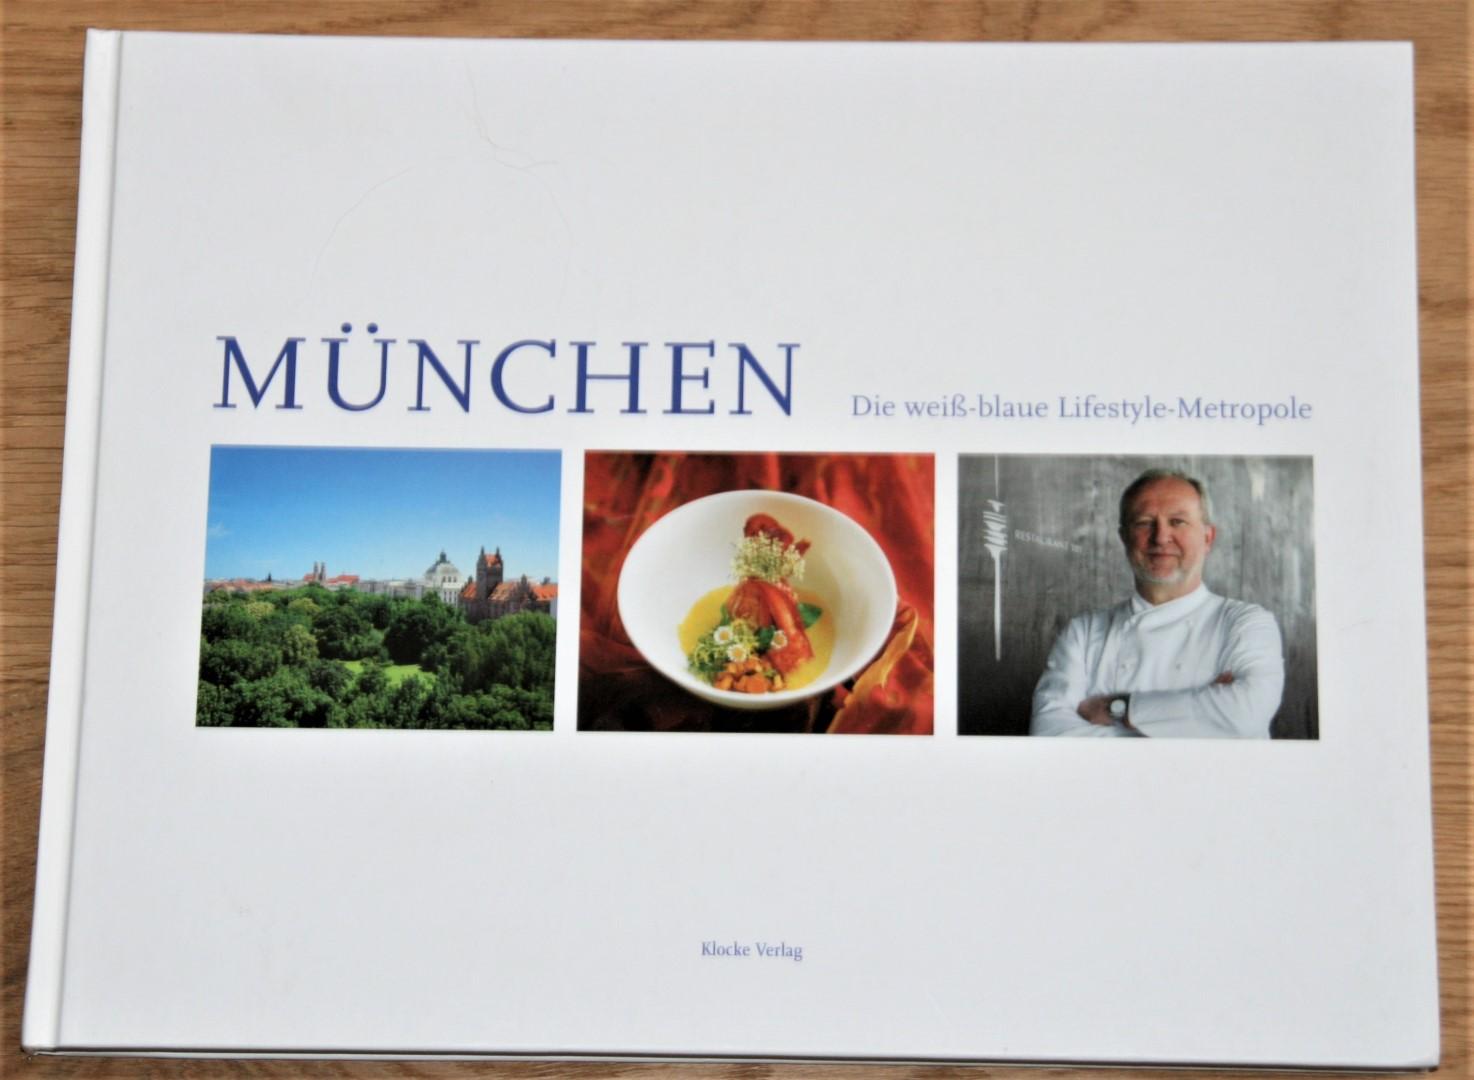 München. Die weiß-blaue Lifestyle-Metropole.  1. Aufl. - Klocke, Thomas und Martina (Hrsg.), Ydo (Fotos) Sol und Gundula (Text) Luig-Runge